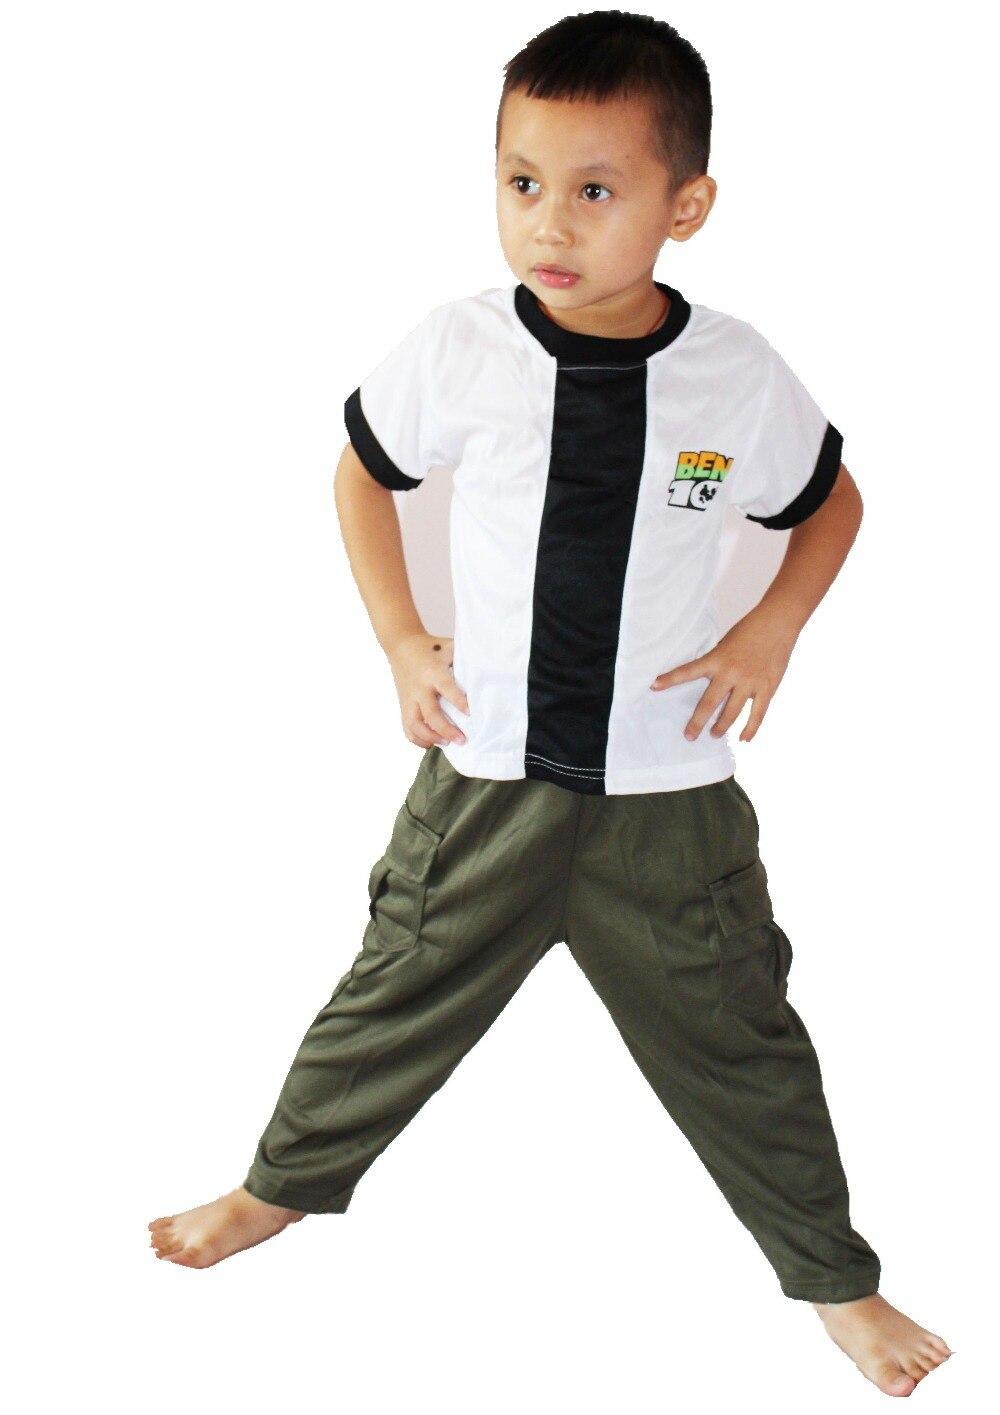 Kid Cosplay Halloween Party Ben 10: Rennen Gegen Zeit kleidung, Junge BEN-10 rollenspiele kleidung, Kurze sleeve T-shirt größe: S-XXL